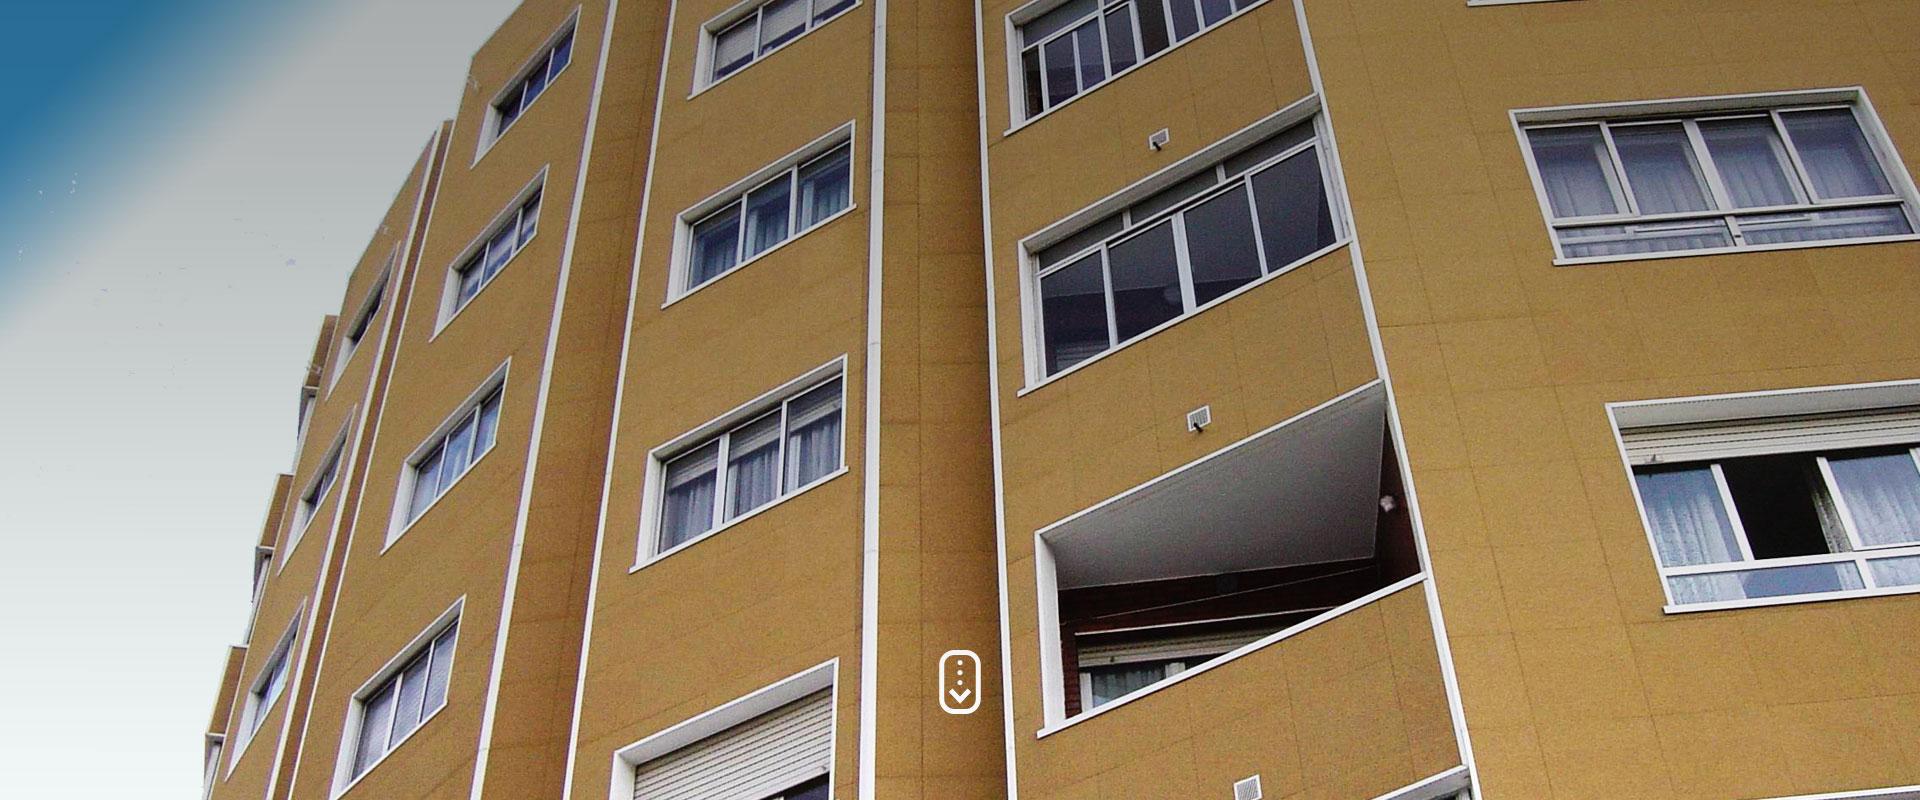 Rehabilitación <br>de edificios